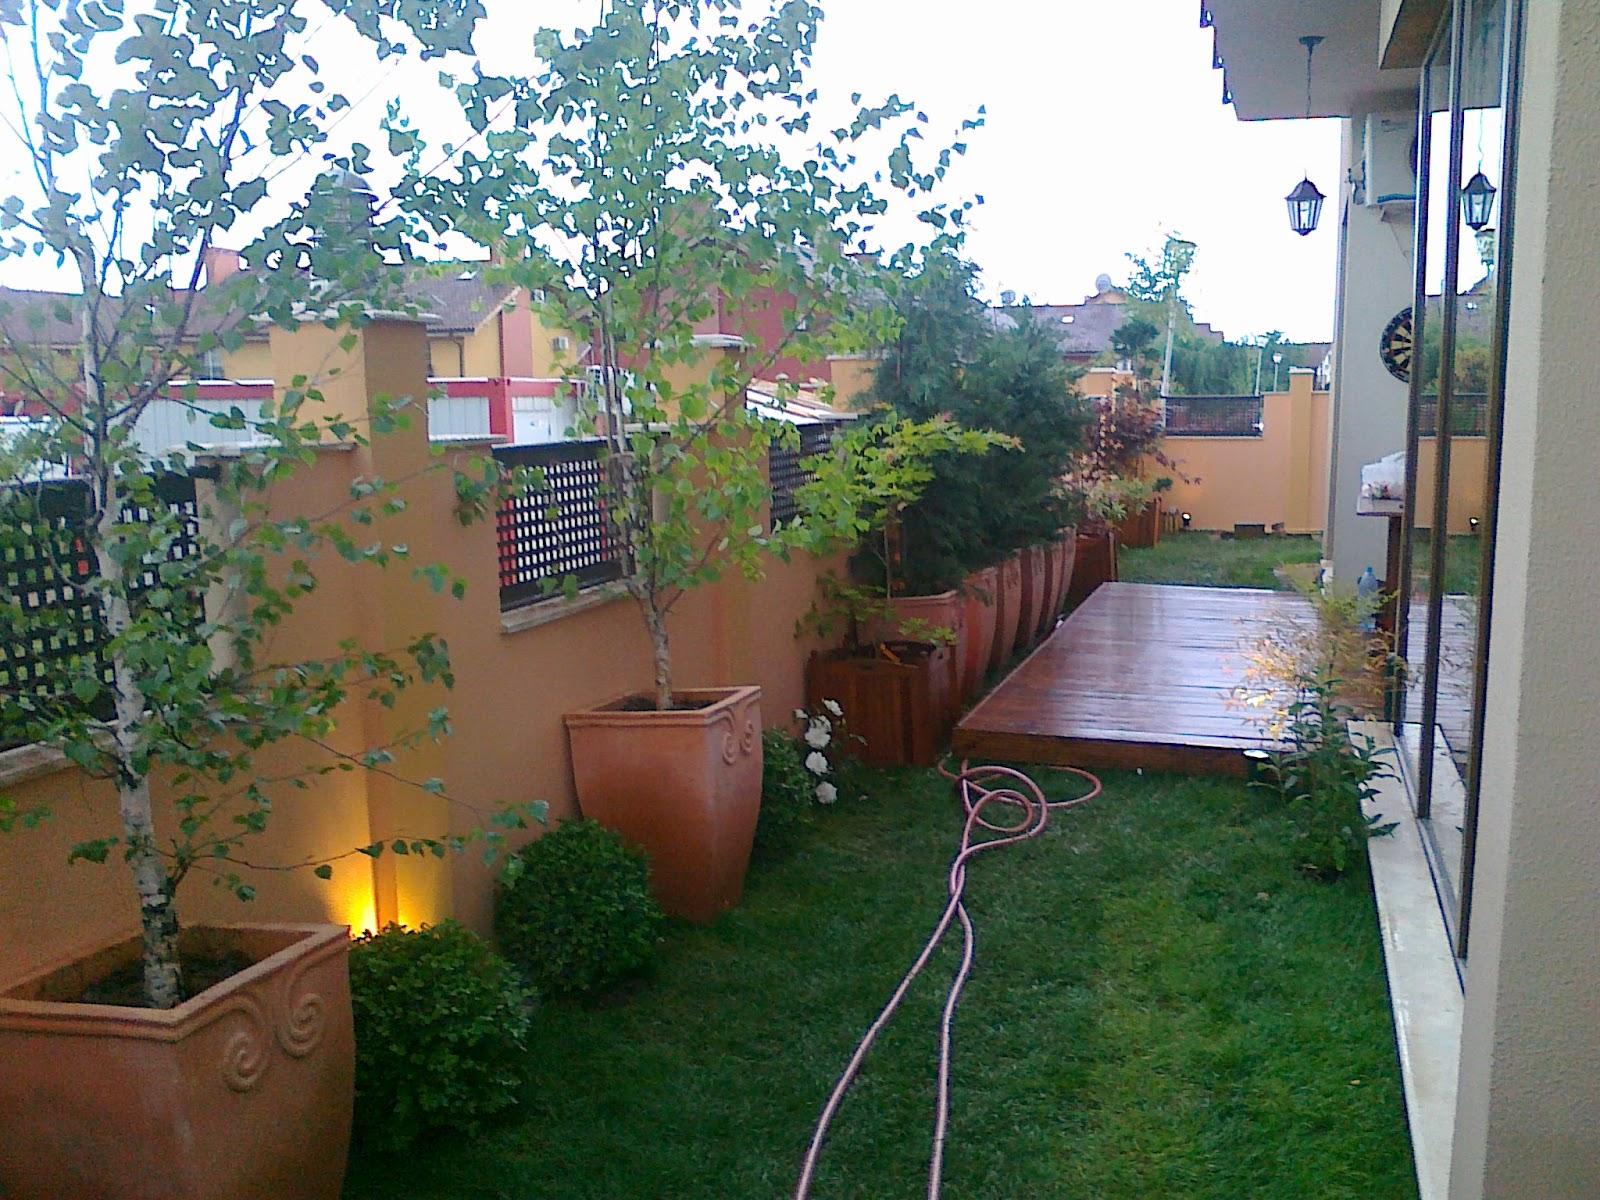 Immagini aiuole, terrazzi e giardino